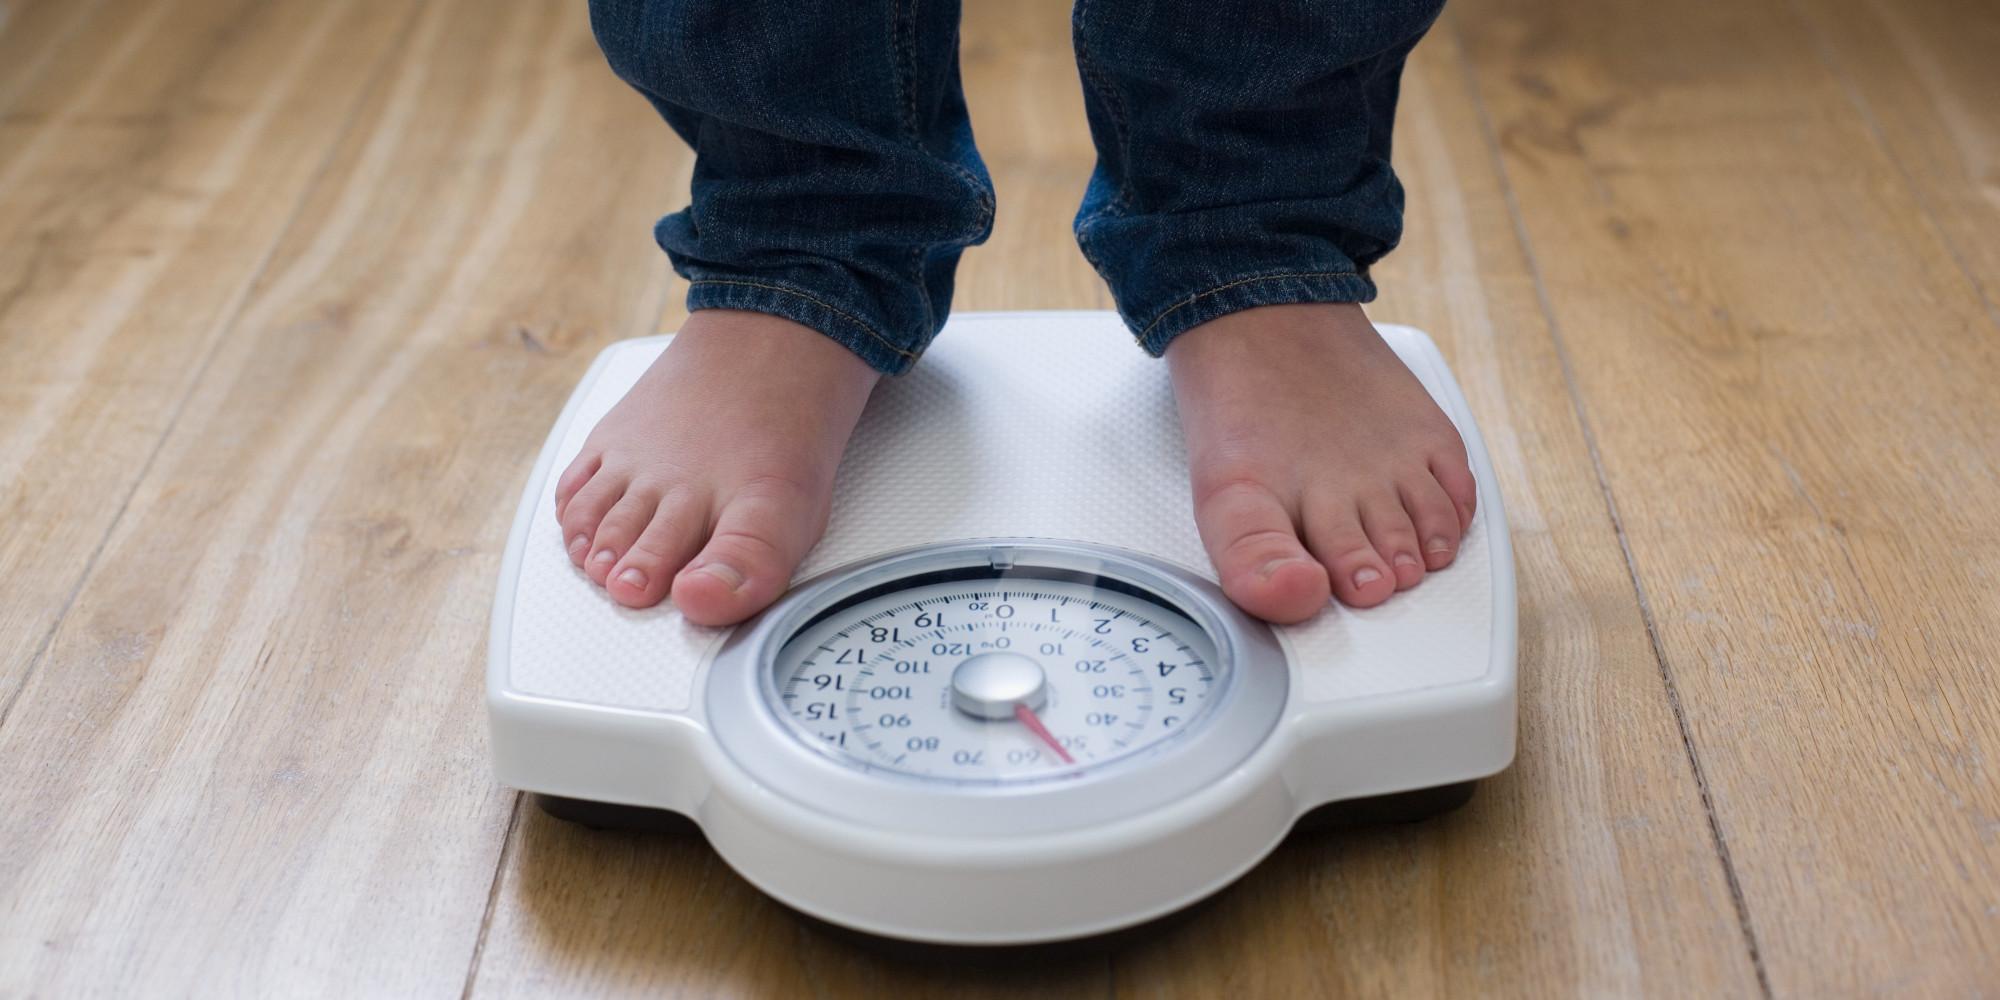 5 лучших мобильных приложений для снижения веса The